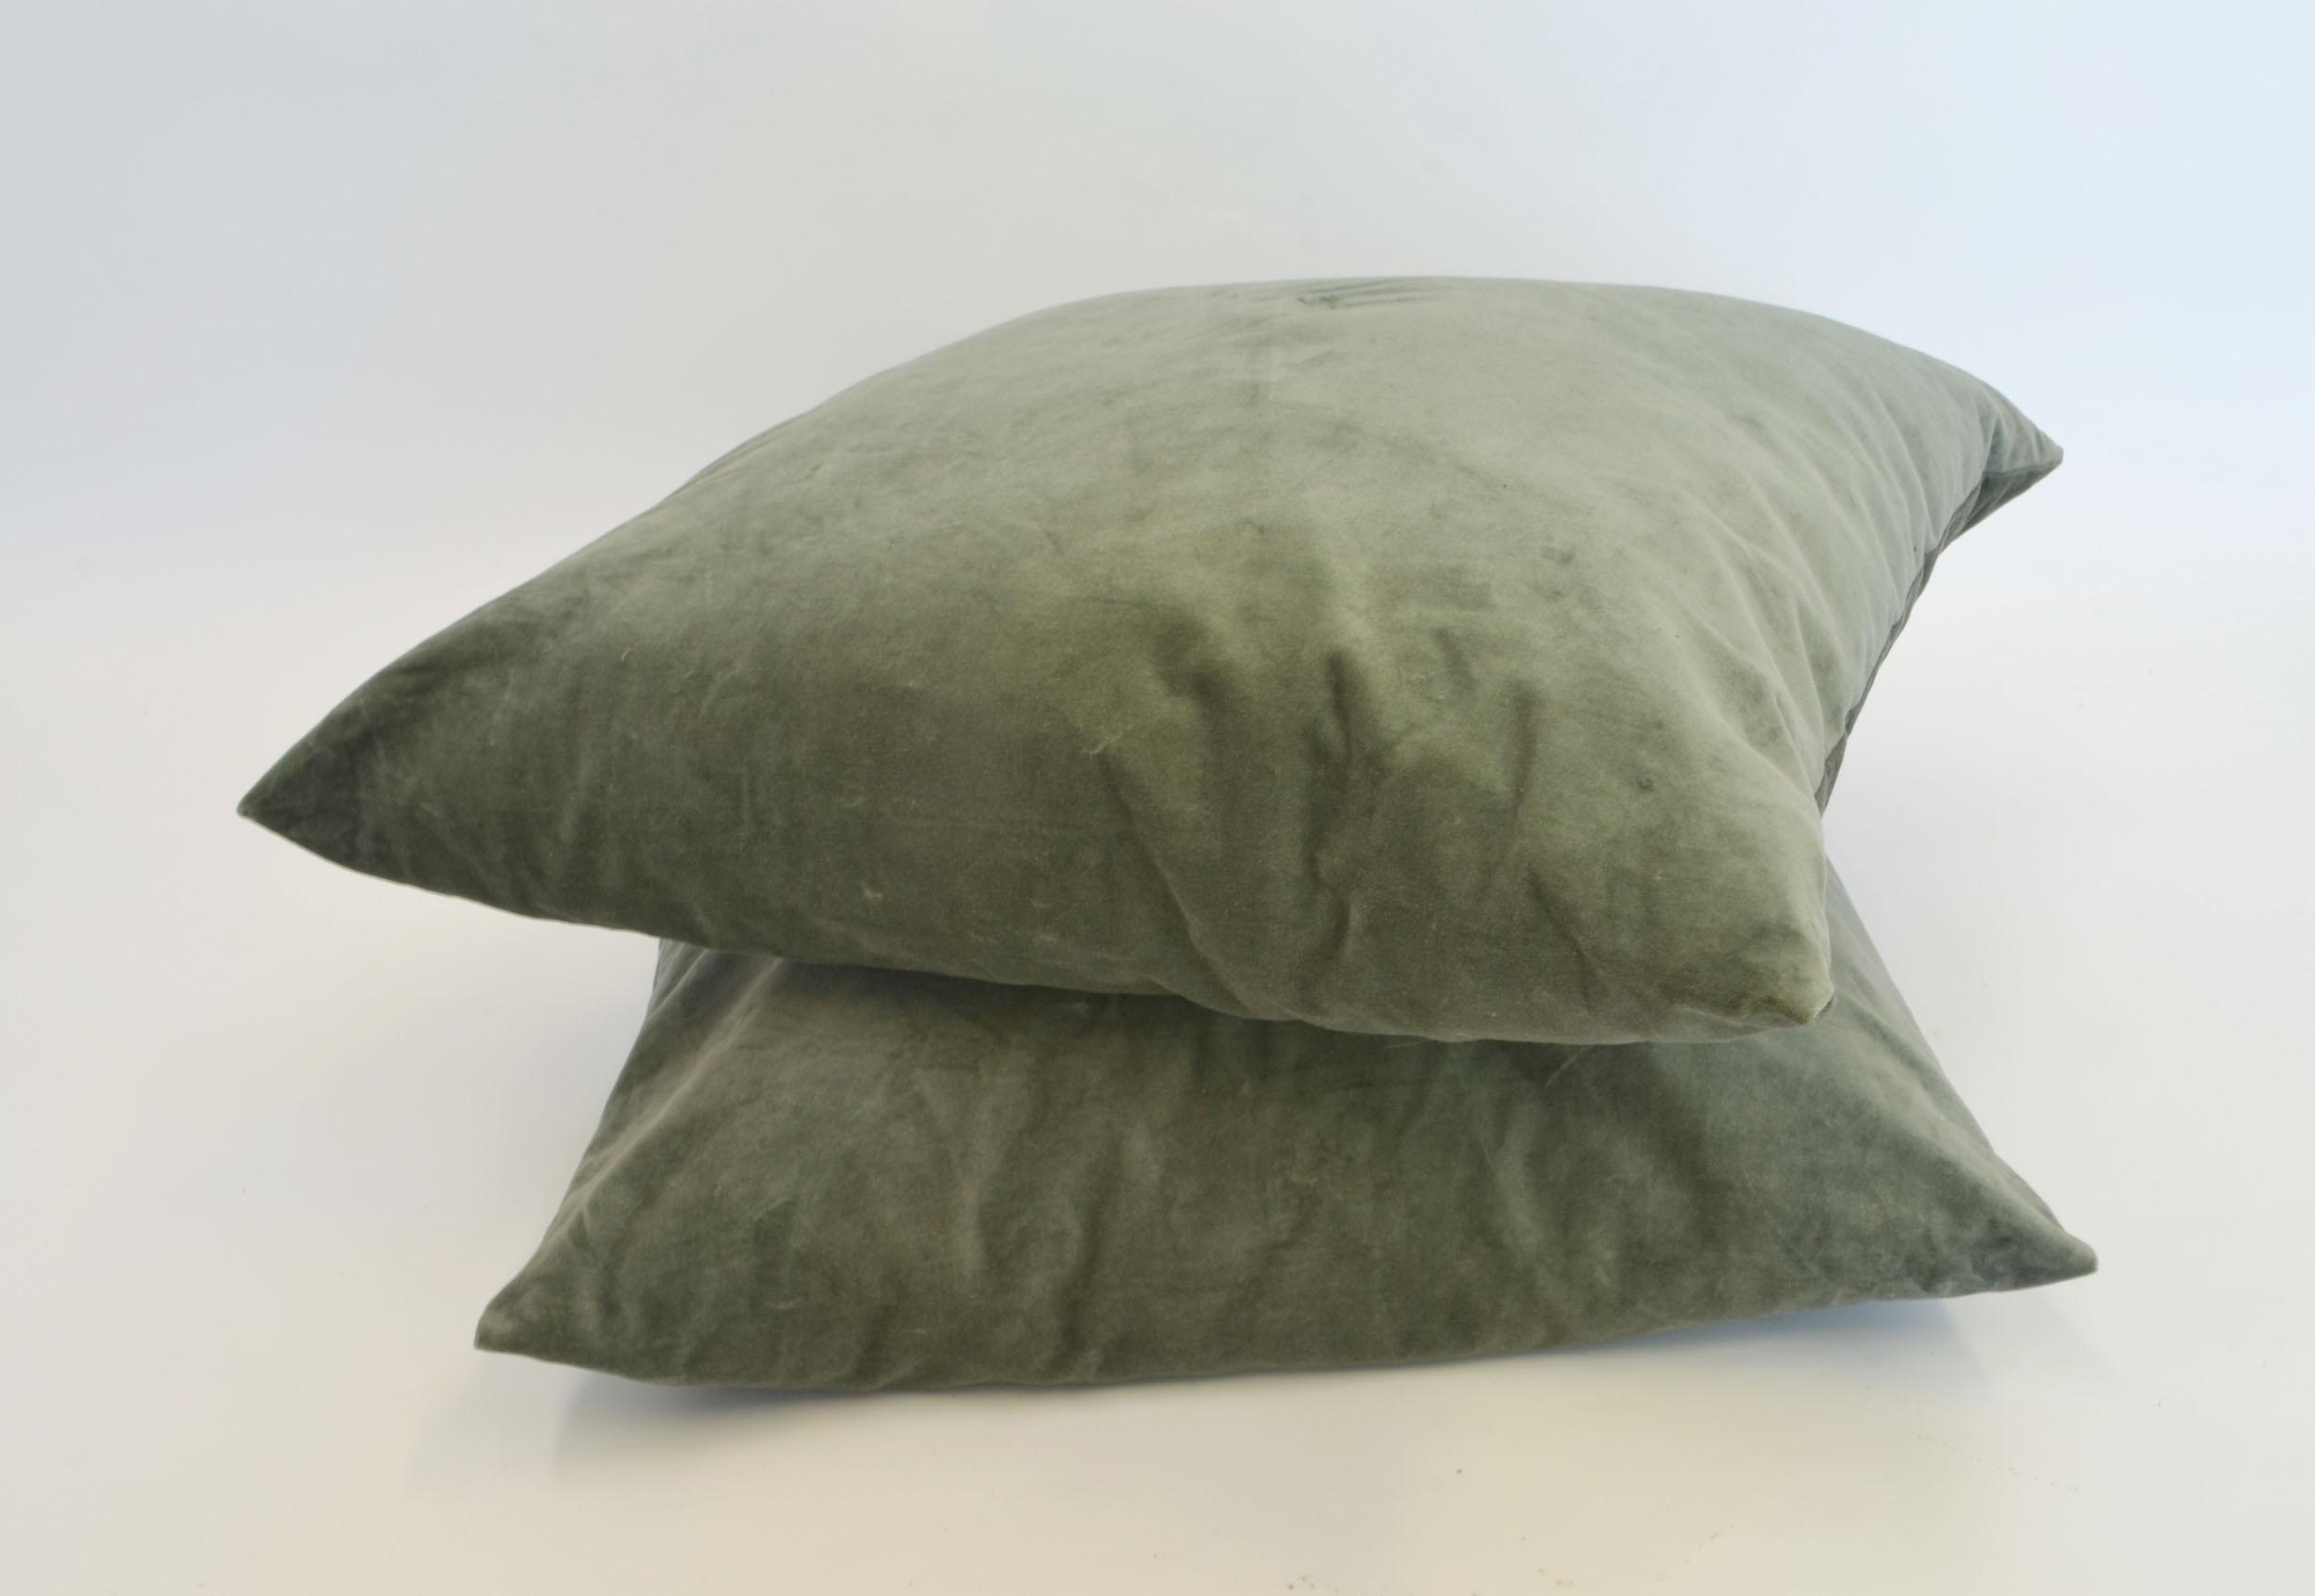 sage green velvet pillow   Quantity: 8  Price: $10.00